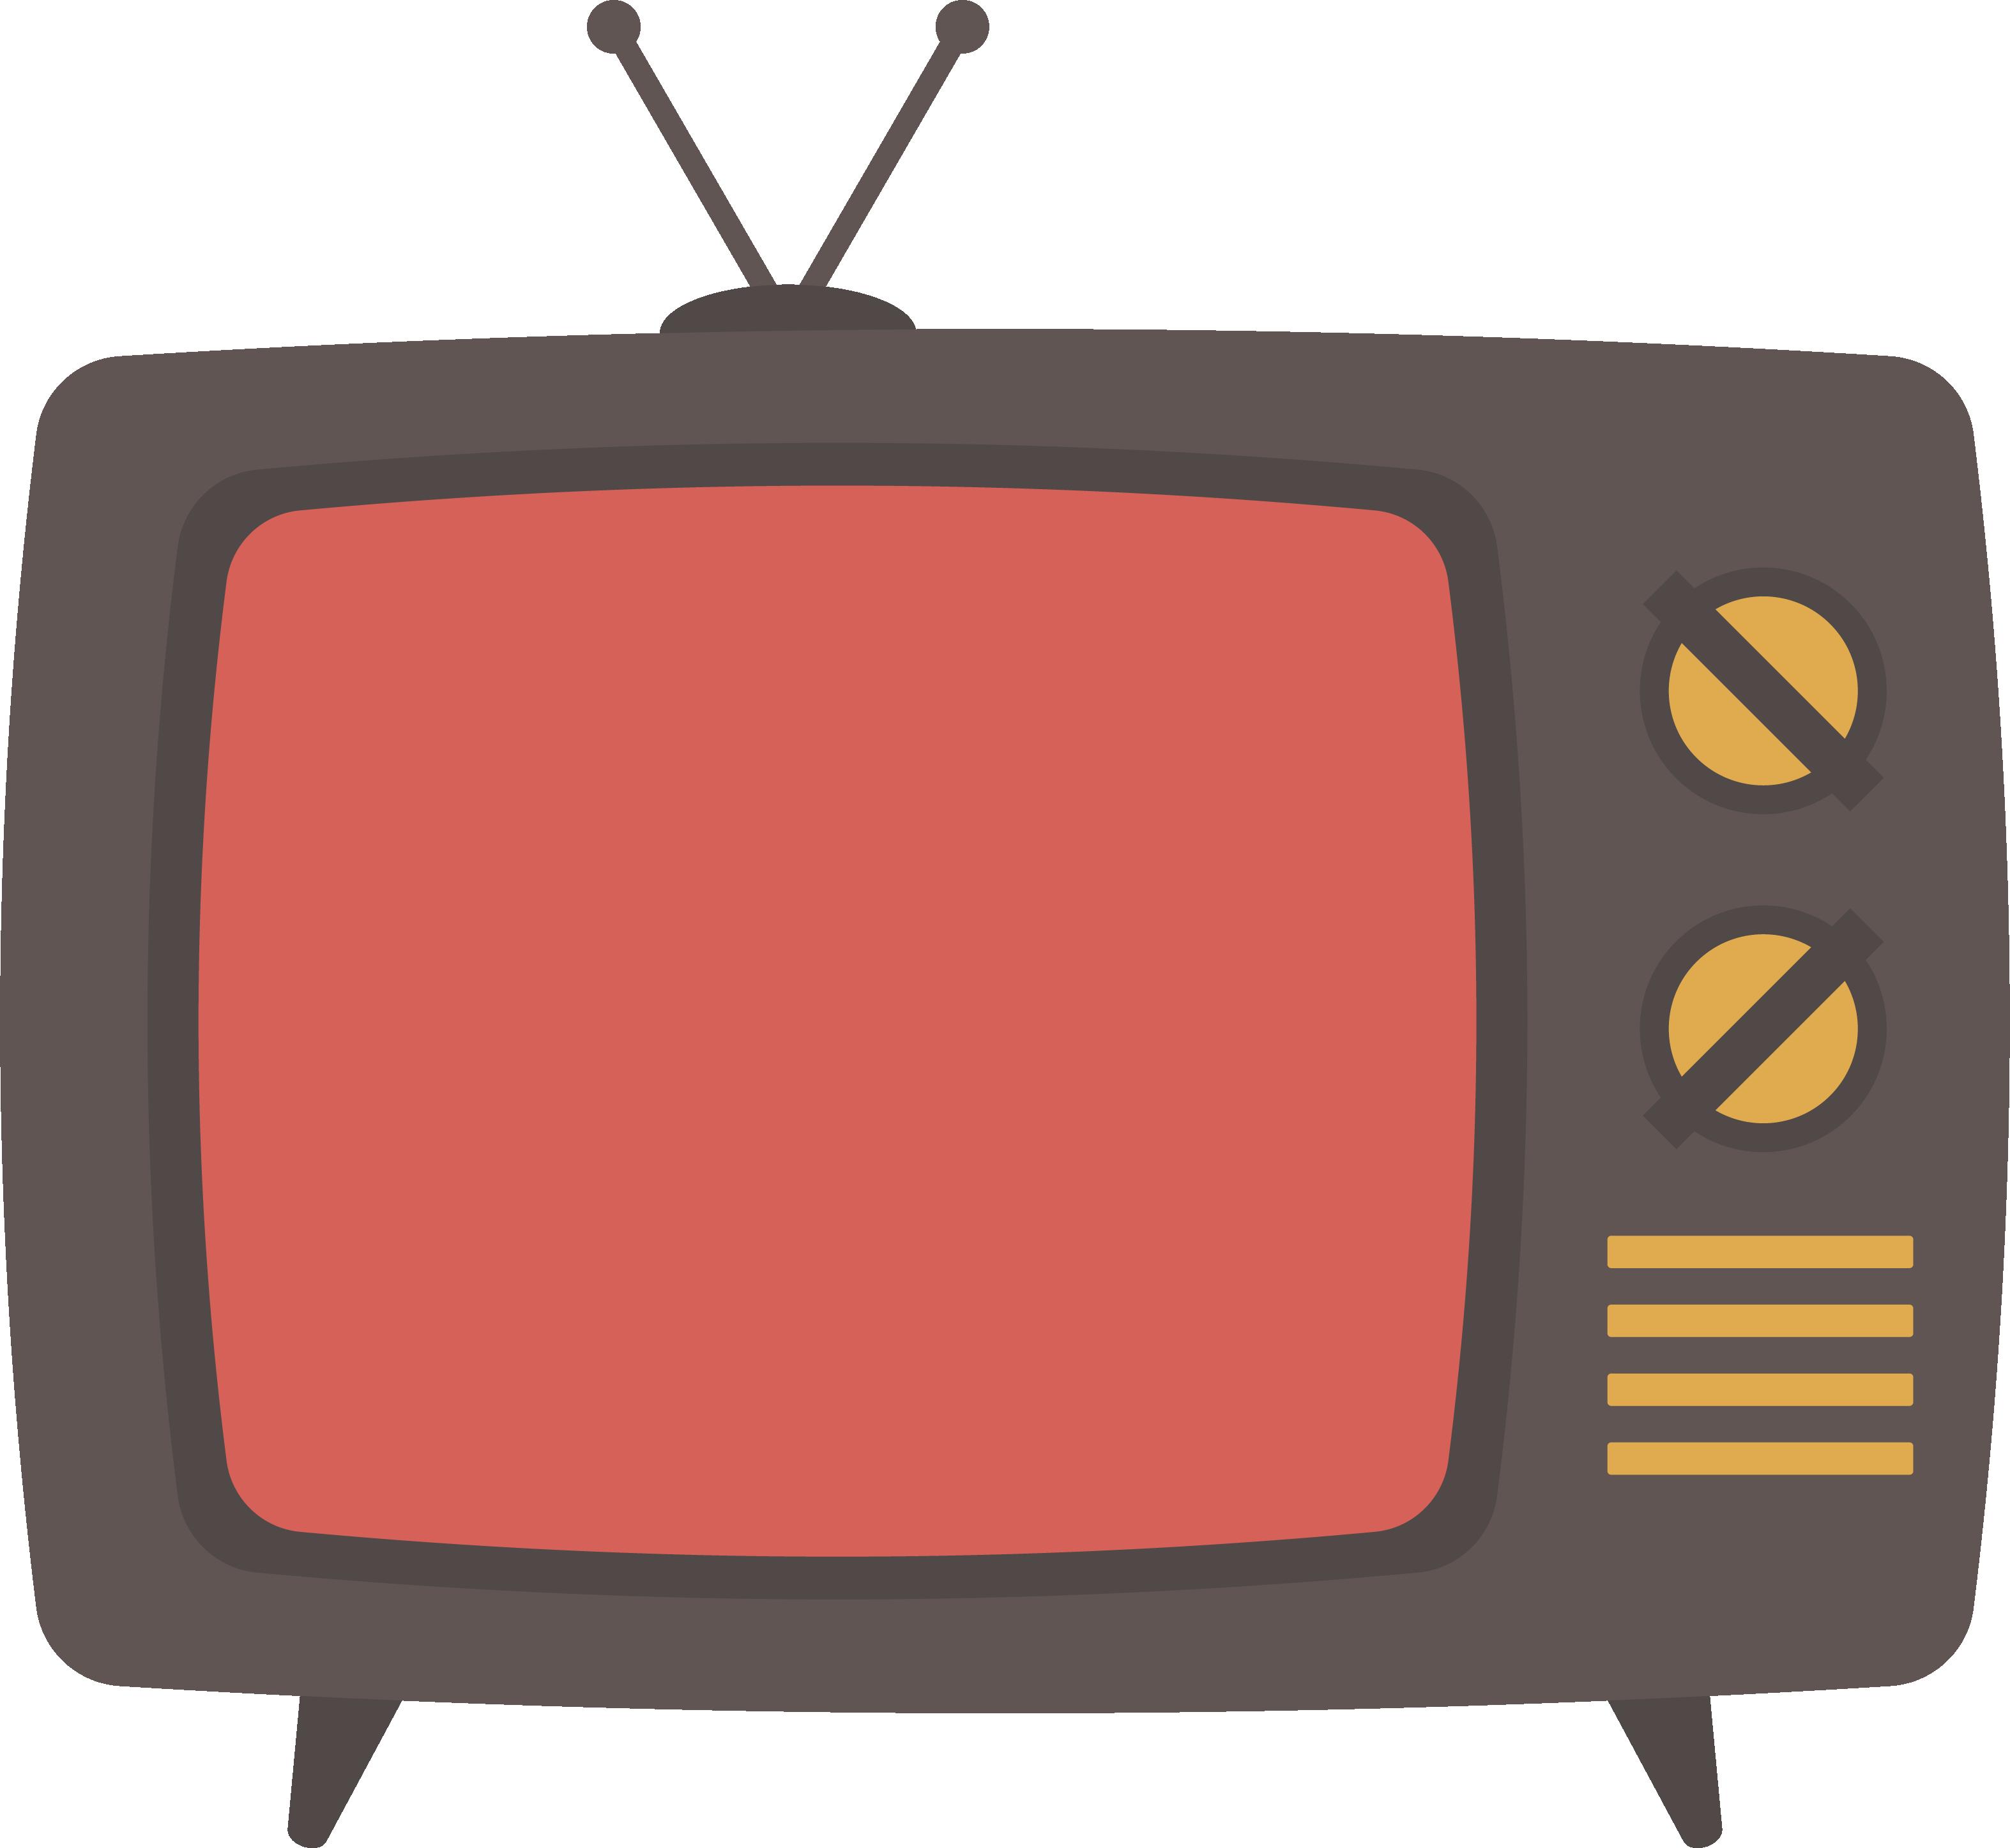 Телевидение картинки для детей нарисованные, фразы для поздравления